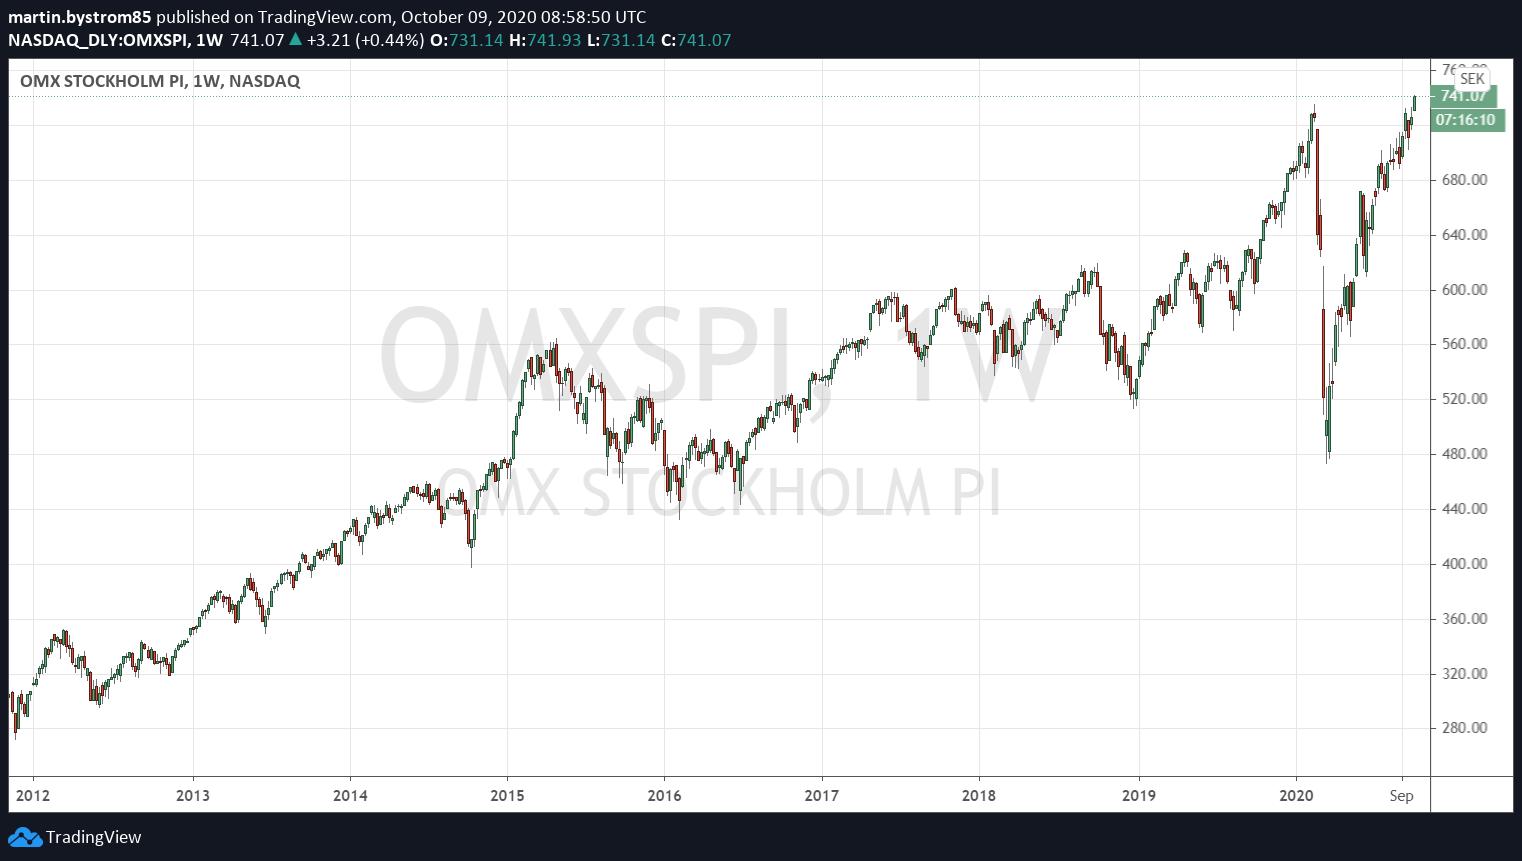 Historisk utveckling av OMXSPI, ett sammanvägt index av alla noterade bolag på Stockholmsbörsen.